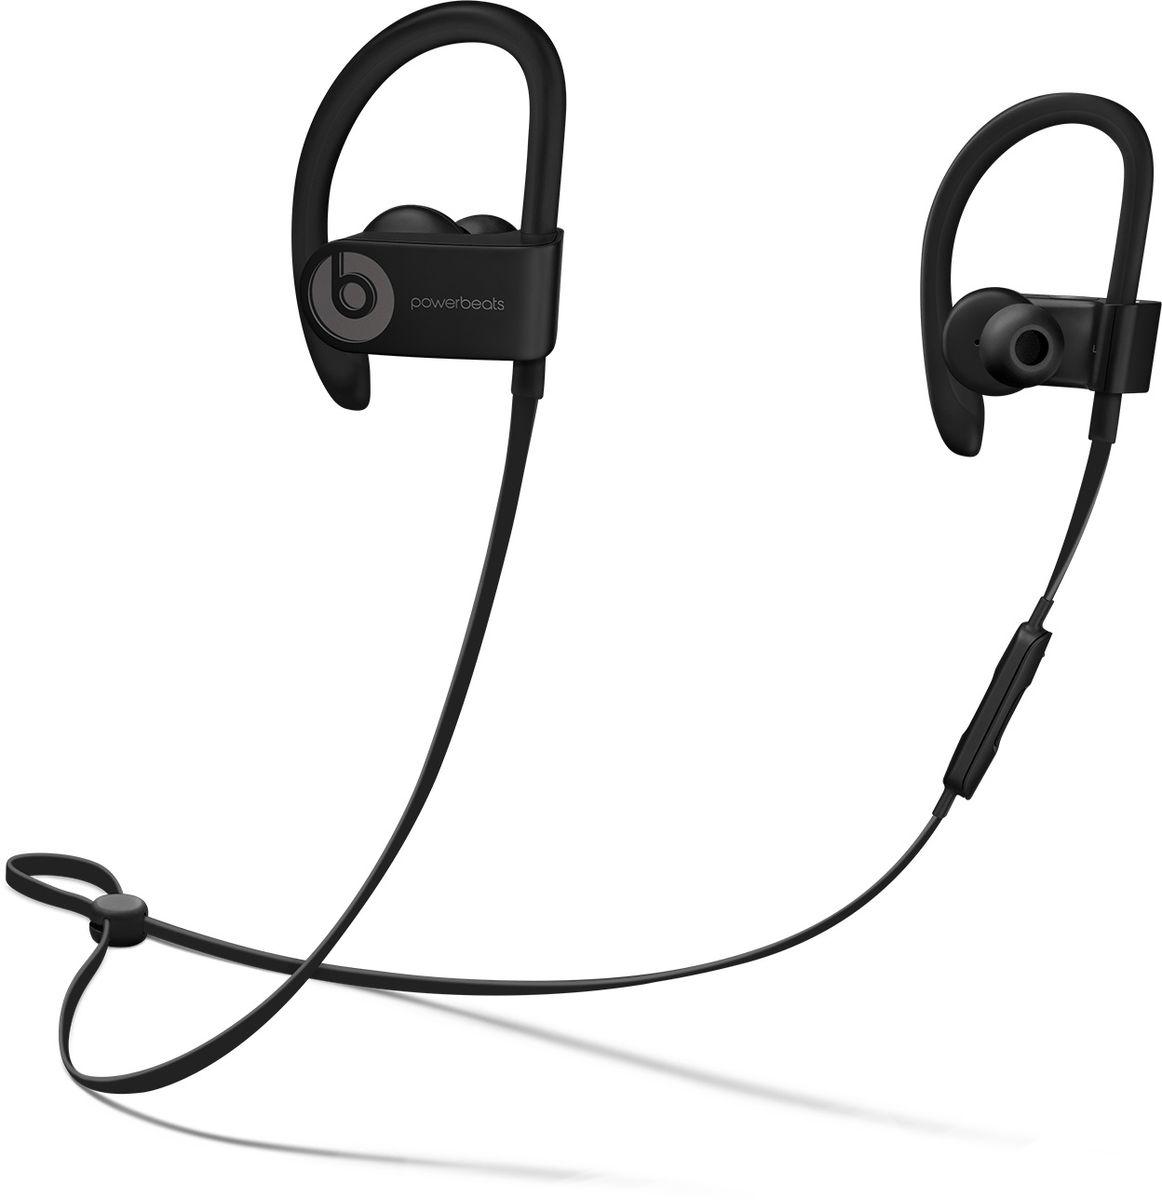 Beats Powerbeats 3 Wireless, Black наушникиML8V2ZE/AБеспроводные наушники Powerbeats 3 Wireless работают до 12 часов от аккумулятора - они готовы к любым нагрузкам. С ними вы заряжены на длительные интенсивные тренировки. Их мощный звук даст вам силы и энергию двигаться только вперед.Apple и Beats переворачивают наше представление о музыке с новой технологией Apple W1. Оснащенные встроенным чипом W1 наушники Powerbeats 3 легко подключаются к любому устройству Apple, дольше работают без аккумулятора и заряжаются всего за 5 минут благодаря технологии Fast Fuel.С функцией Fast Fuel вы сможете тренироваться ещё дольше и тратить меньше времени на зарядку. 5-минутной подзарядки будет достаточно для того, чтобы тренироваться под музыку ещё целый час.Тренируйтесь с максимальной отдачей в любую погоду - эти наушники с защитой от влаги и пота зарядят вас энергией для новых достижений.Прокачайте свой плейлист. Система с двумя акустическими головками создает широкий диапазон звука с прозрачными верхними и мощными нижними частотами - Beats подарит вам непревзойденное качество звука.Закрепите кабель наушников фиксатором и наслаждайтесь свободой. Что бы вы ни делали, наушники останутся на месте! Beats усовершенствовали конструкцию кабеля RemoteTalk. Не бойтесь, он не потерял ни одной из встроенных функций и по-прежнему совместим с Siri. А вот менять громкость, переключать композиции и отвечать на звонки стало гораздо удобнее.